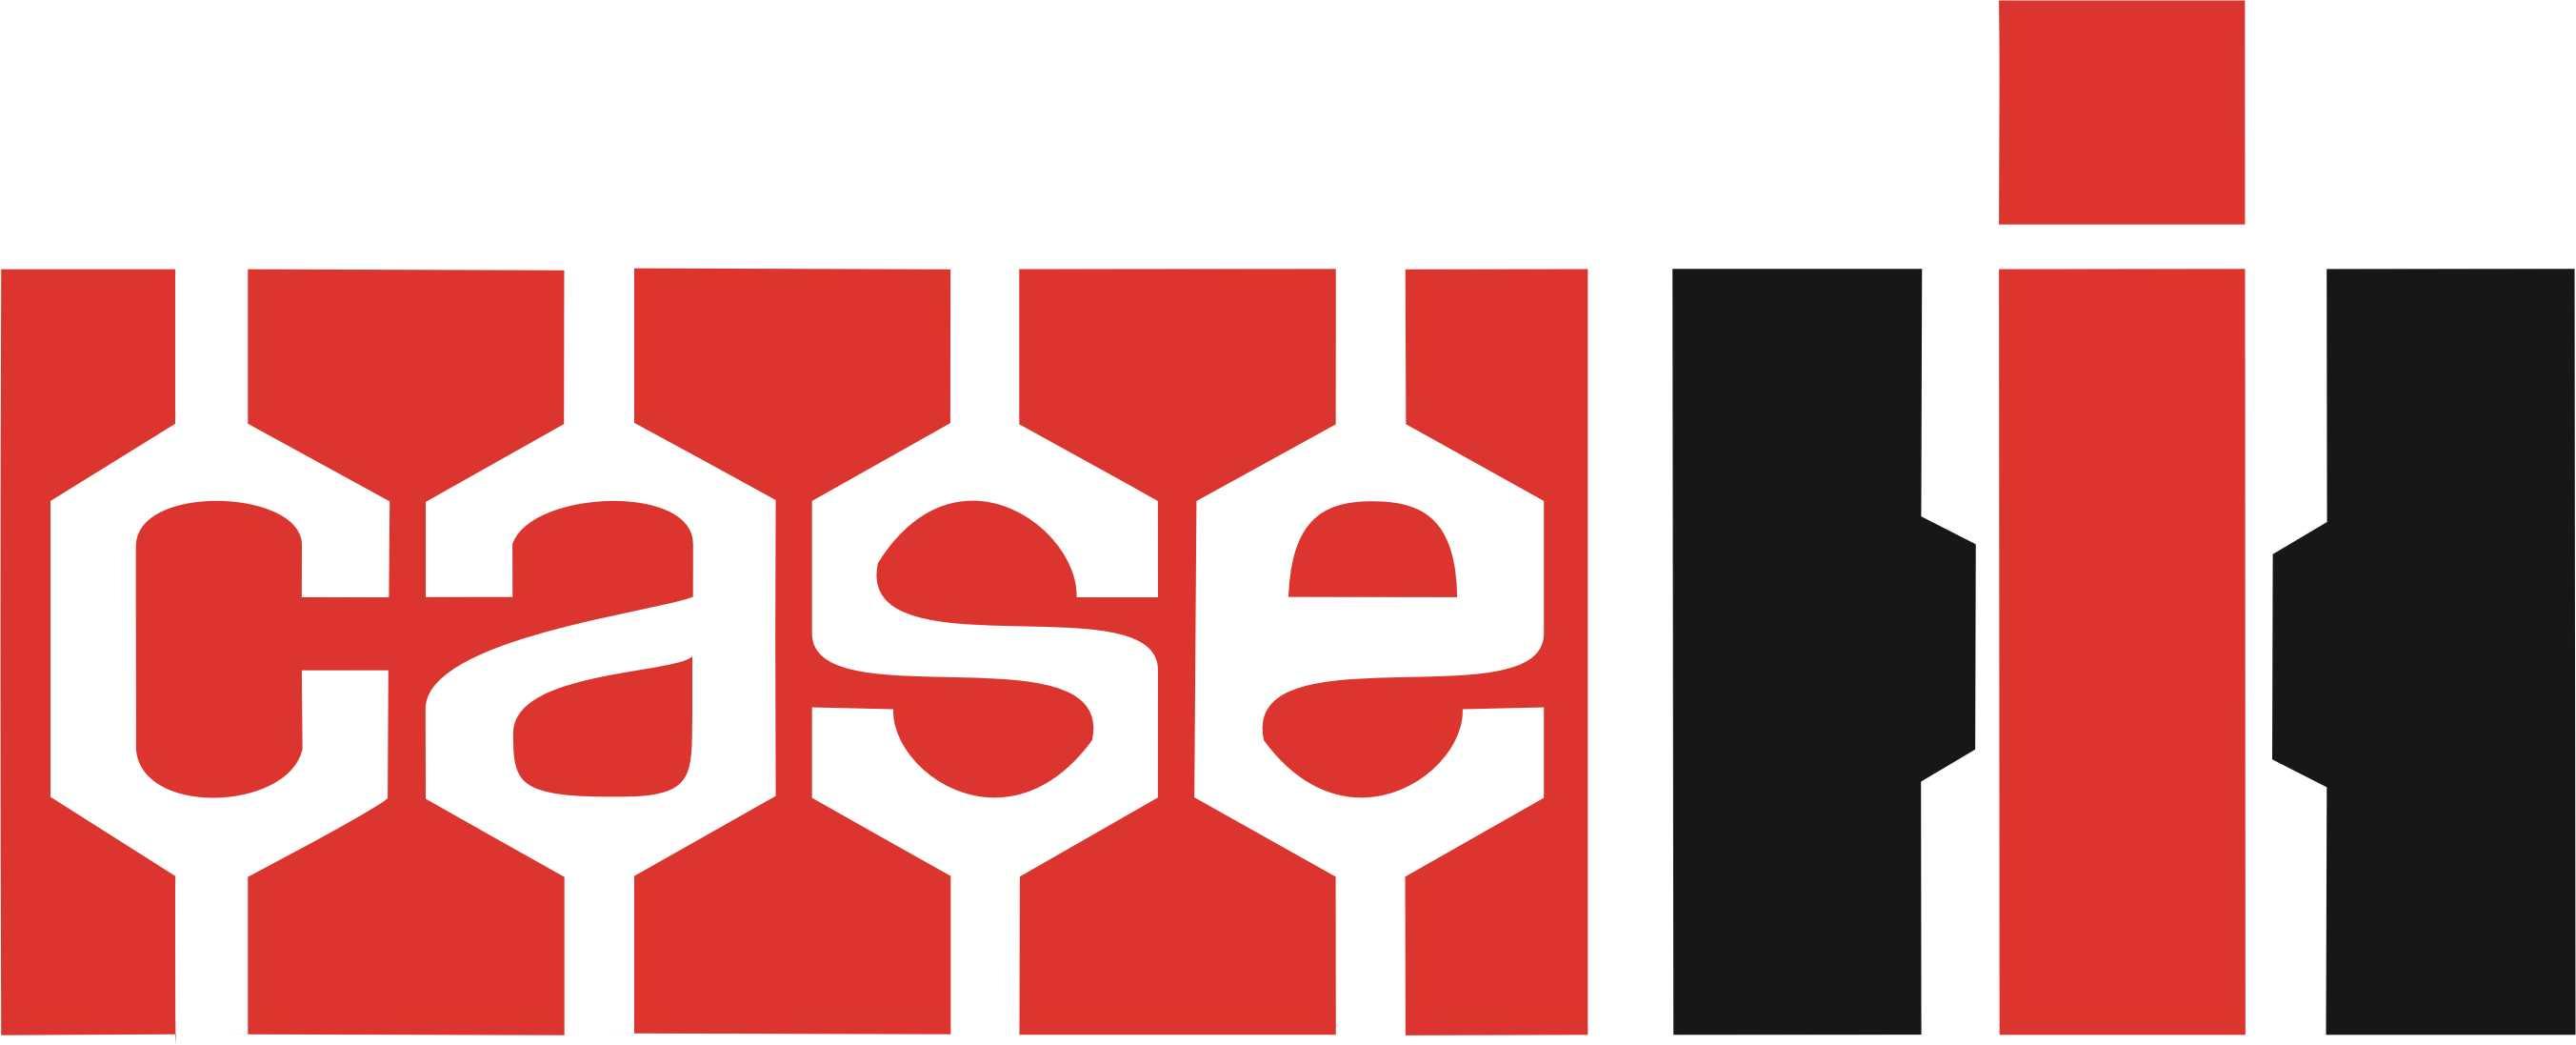 Case Ih Logos